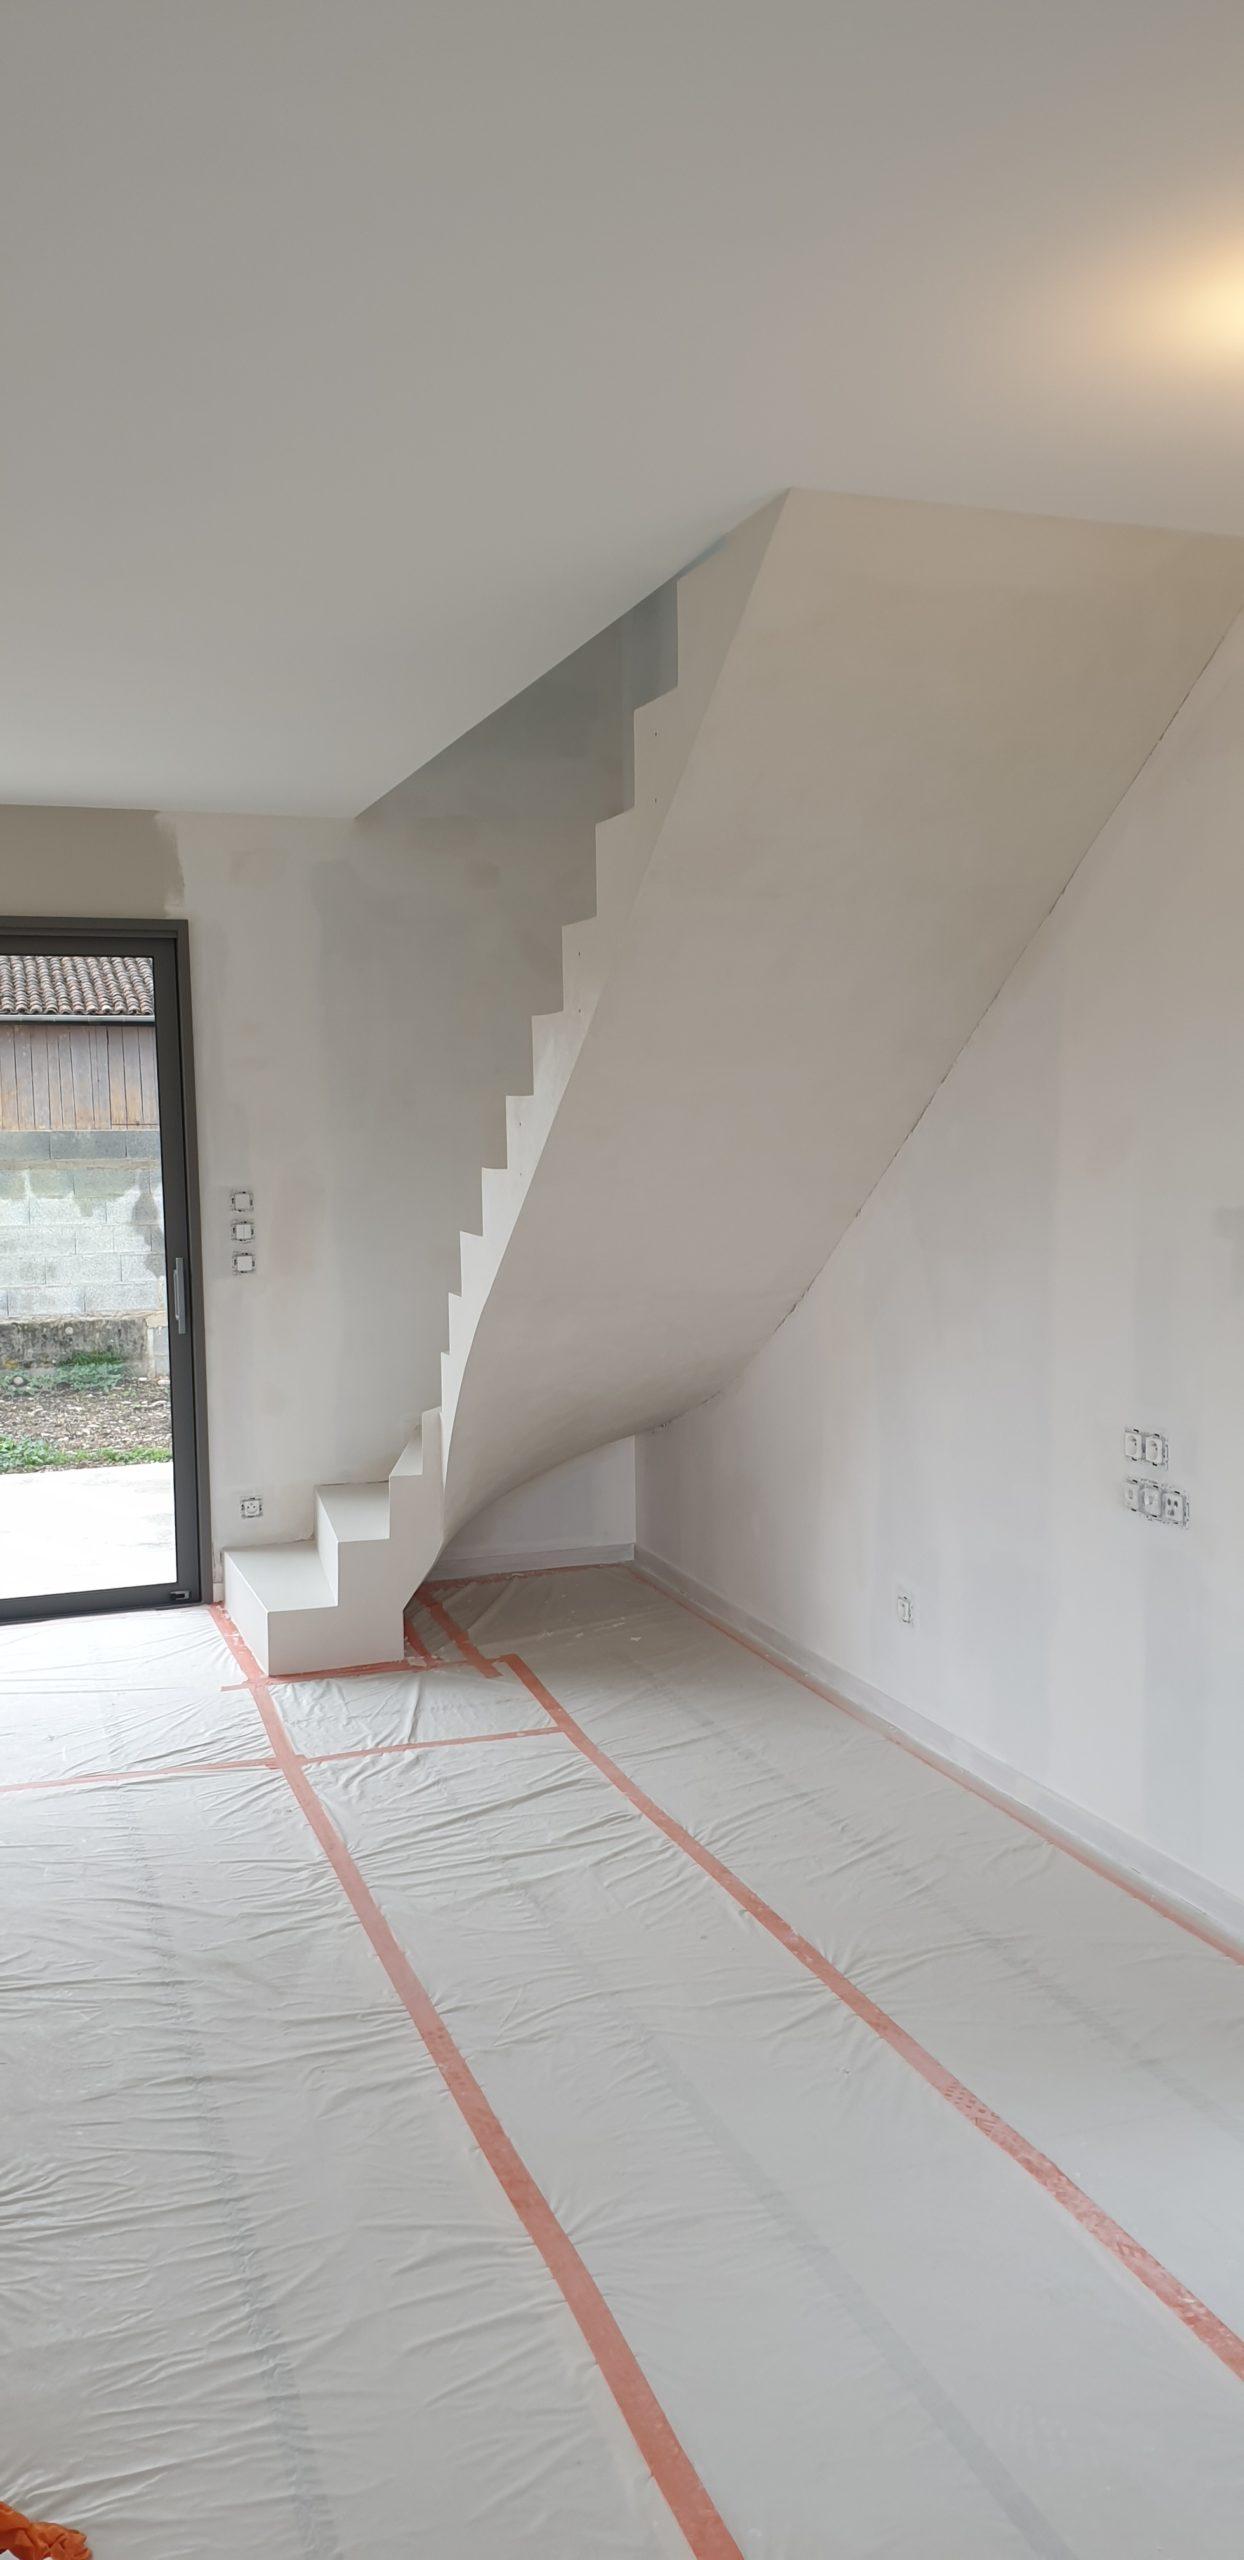 Fabrication et pose d'un escalier béton avec comme option d'habillage un béton ciré